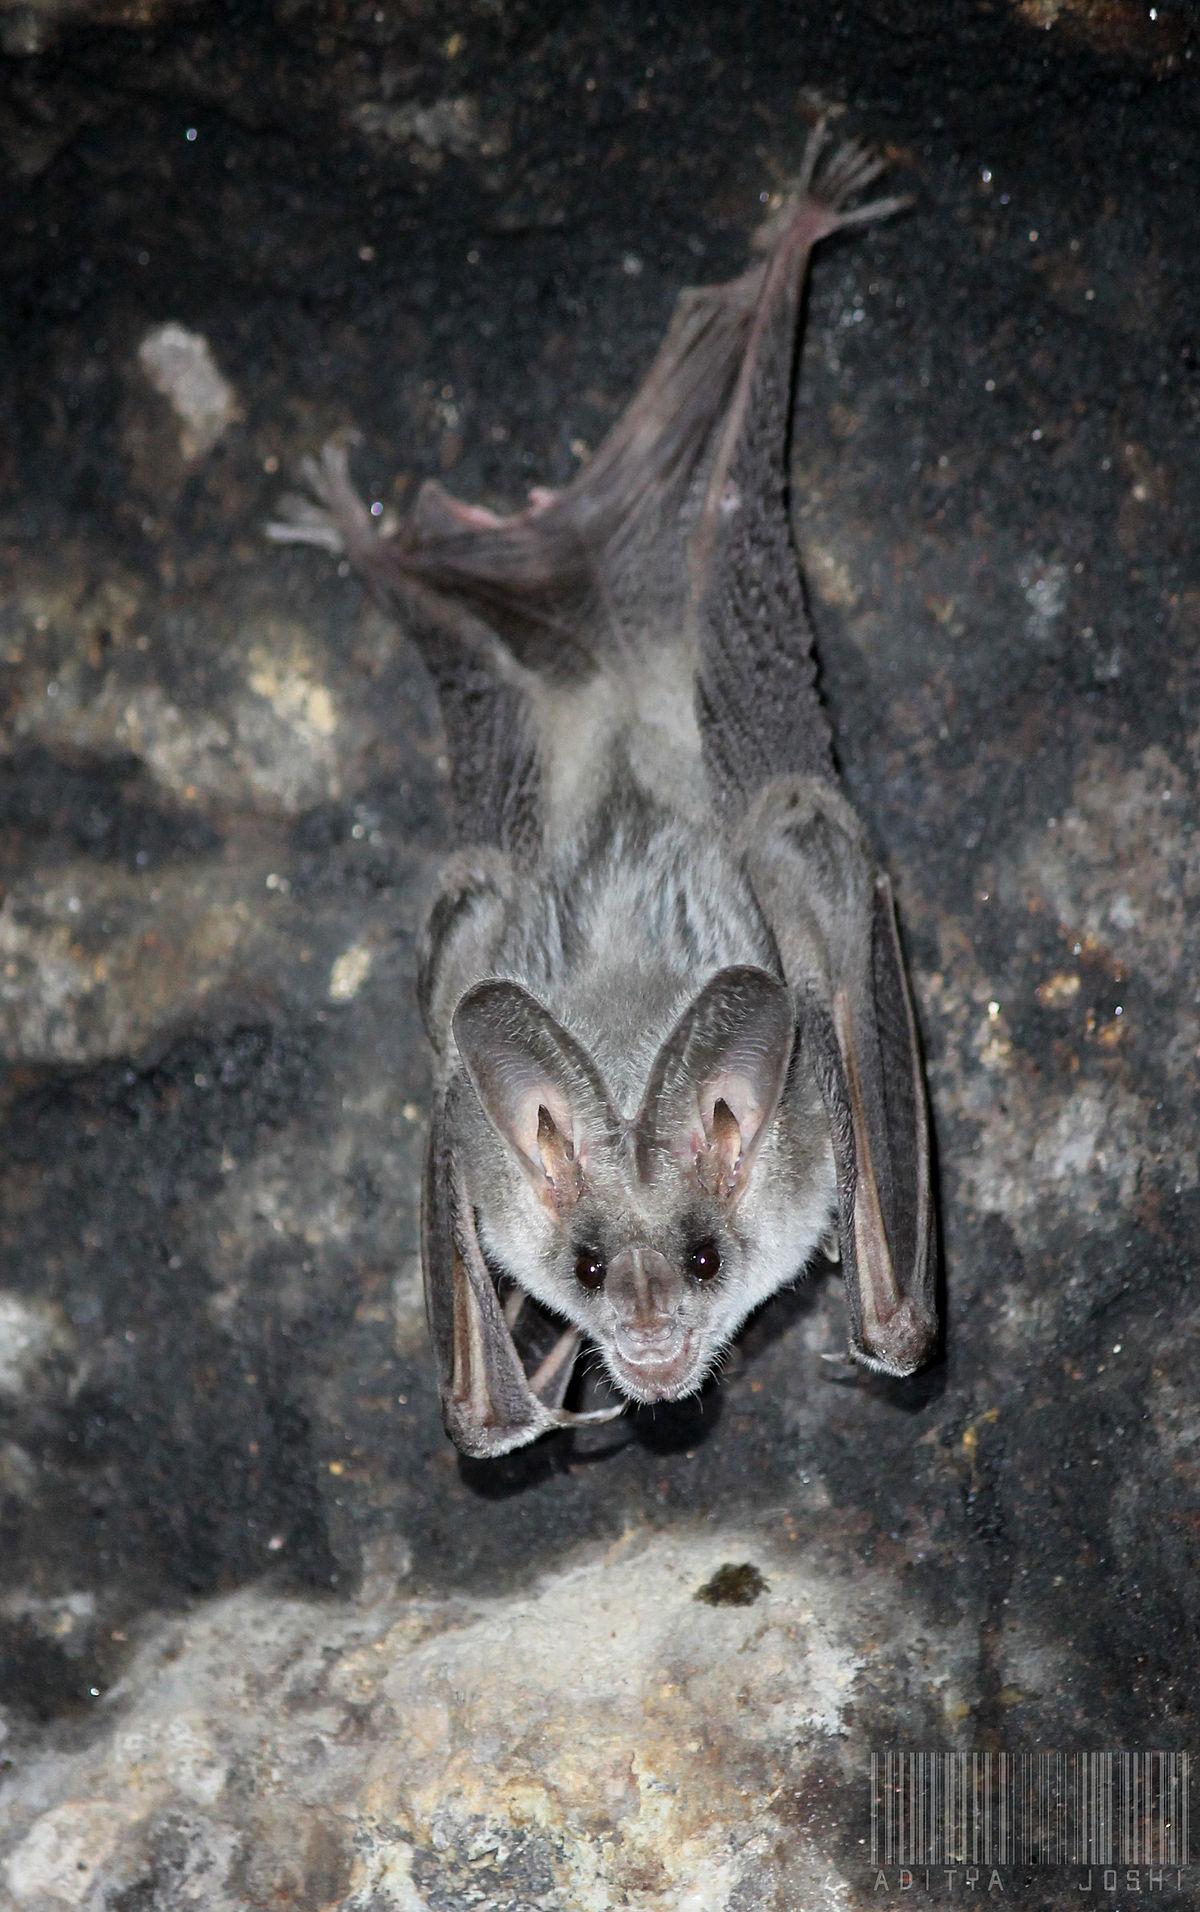 greater false vampire bat wikipedia